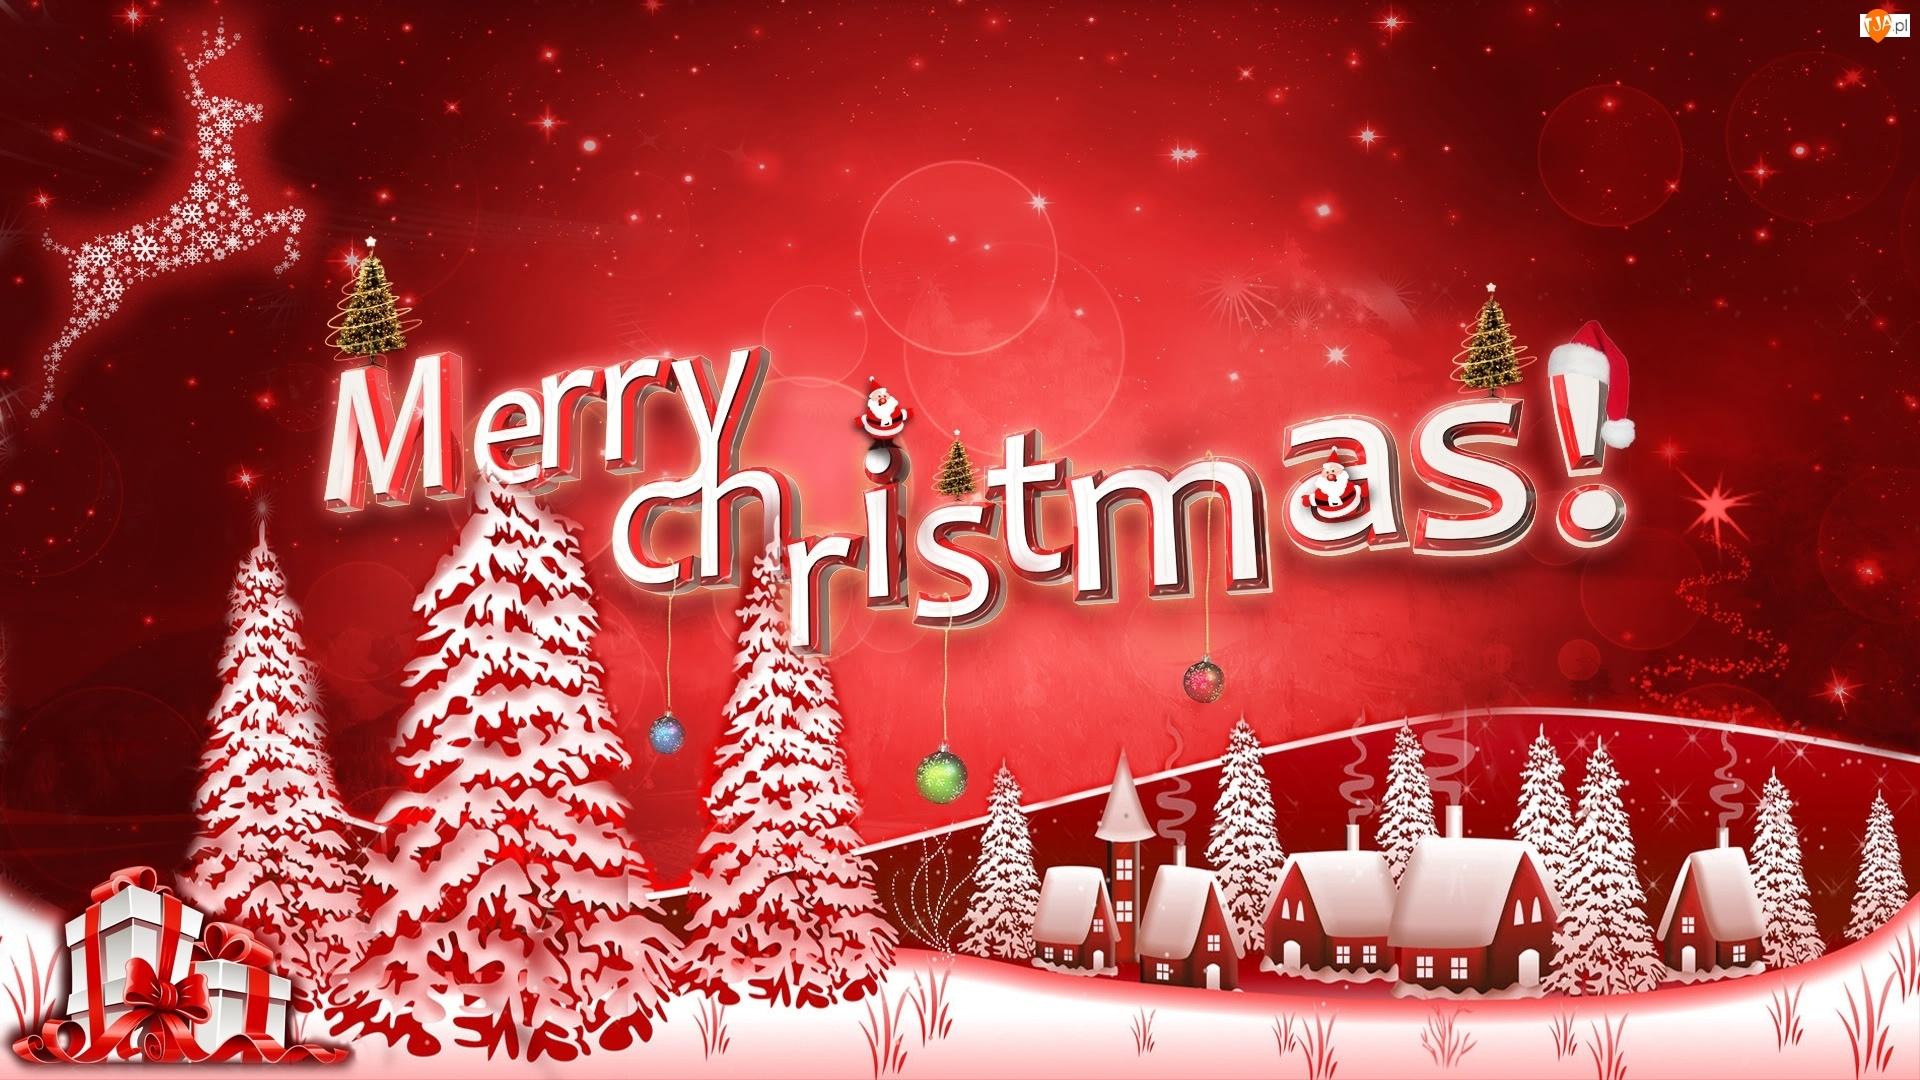 Prezenty, Domy, Grafika, Christmas, Czerwona, Merry, Biało, Napis, Choinki, Bombki